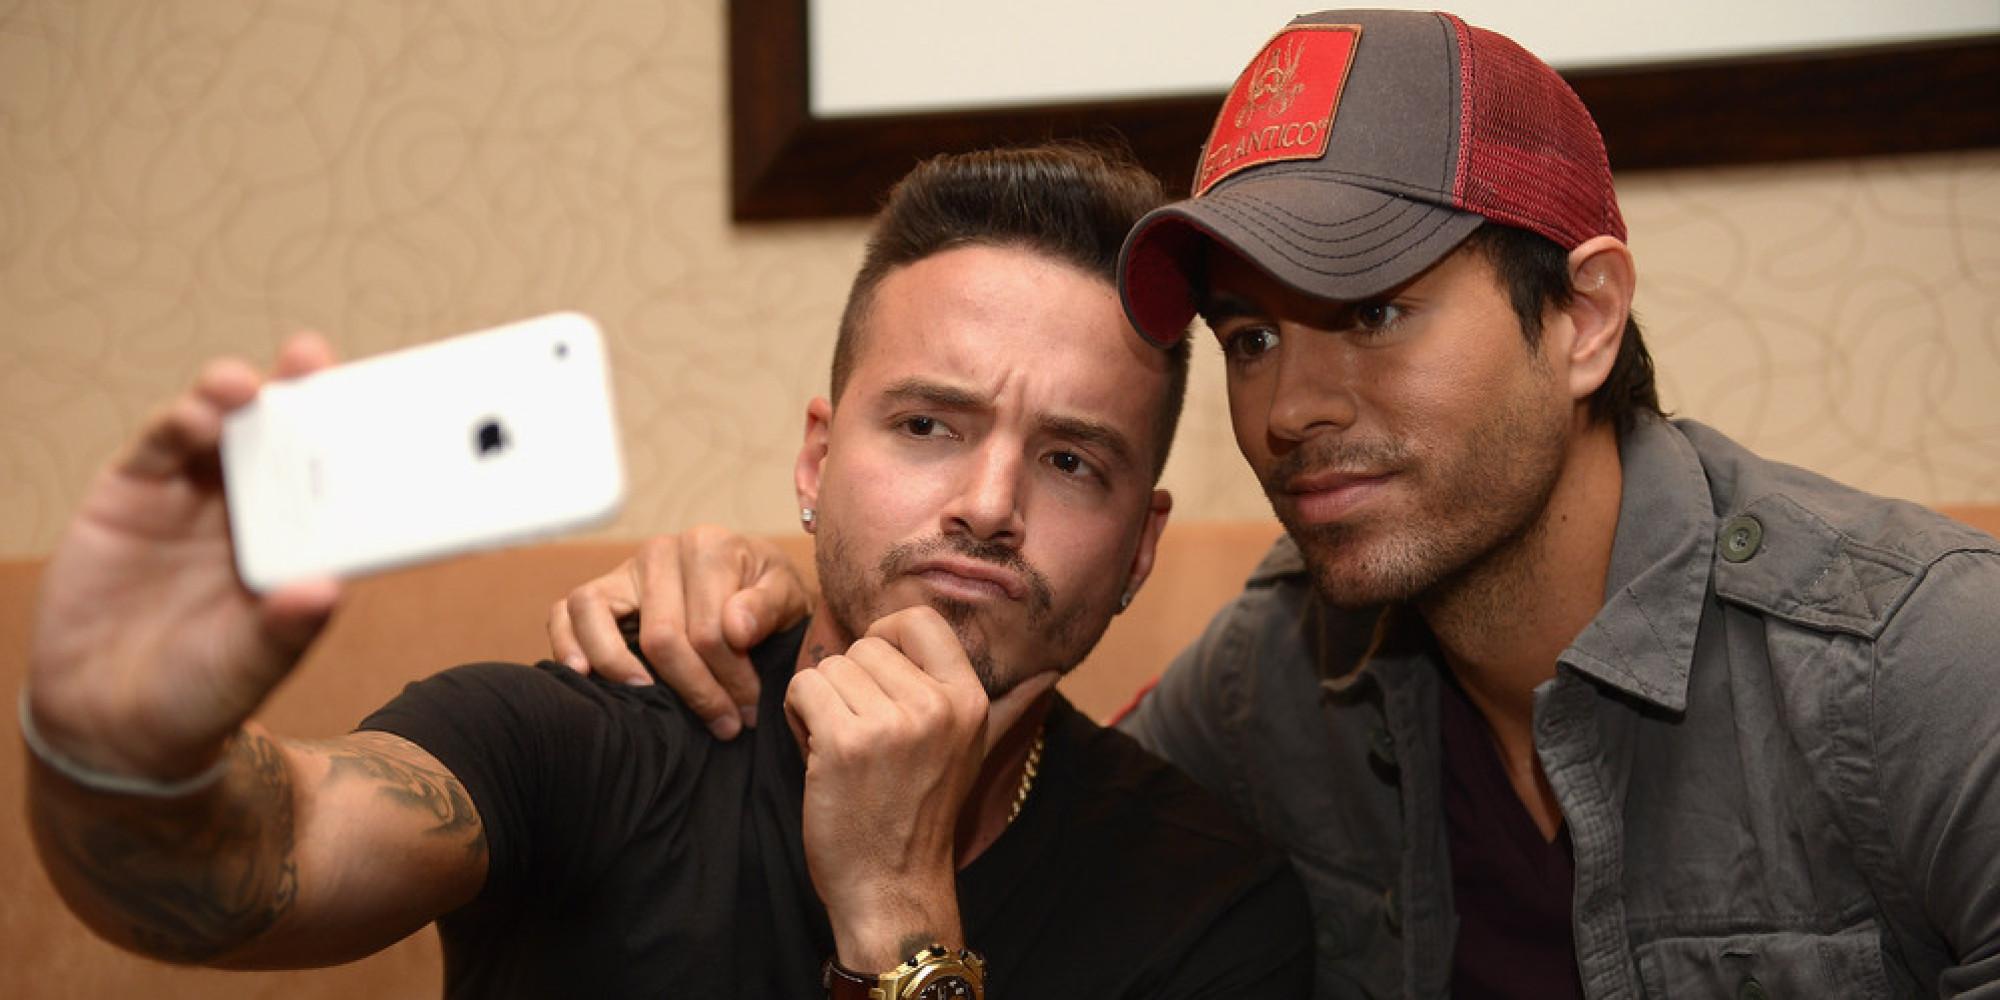 J Balvin: J Balvin To Tour With Enrique Iglesias, Pitbull (VIDEO